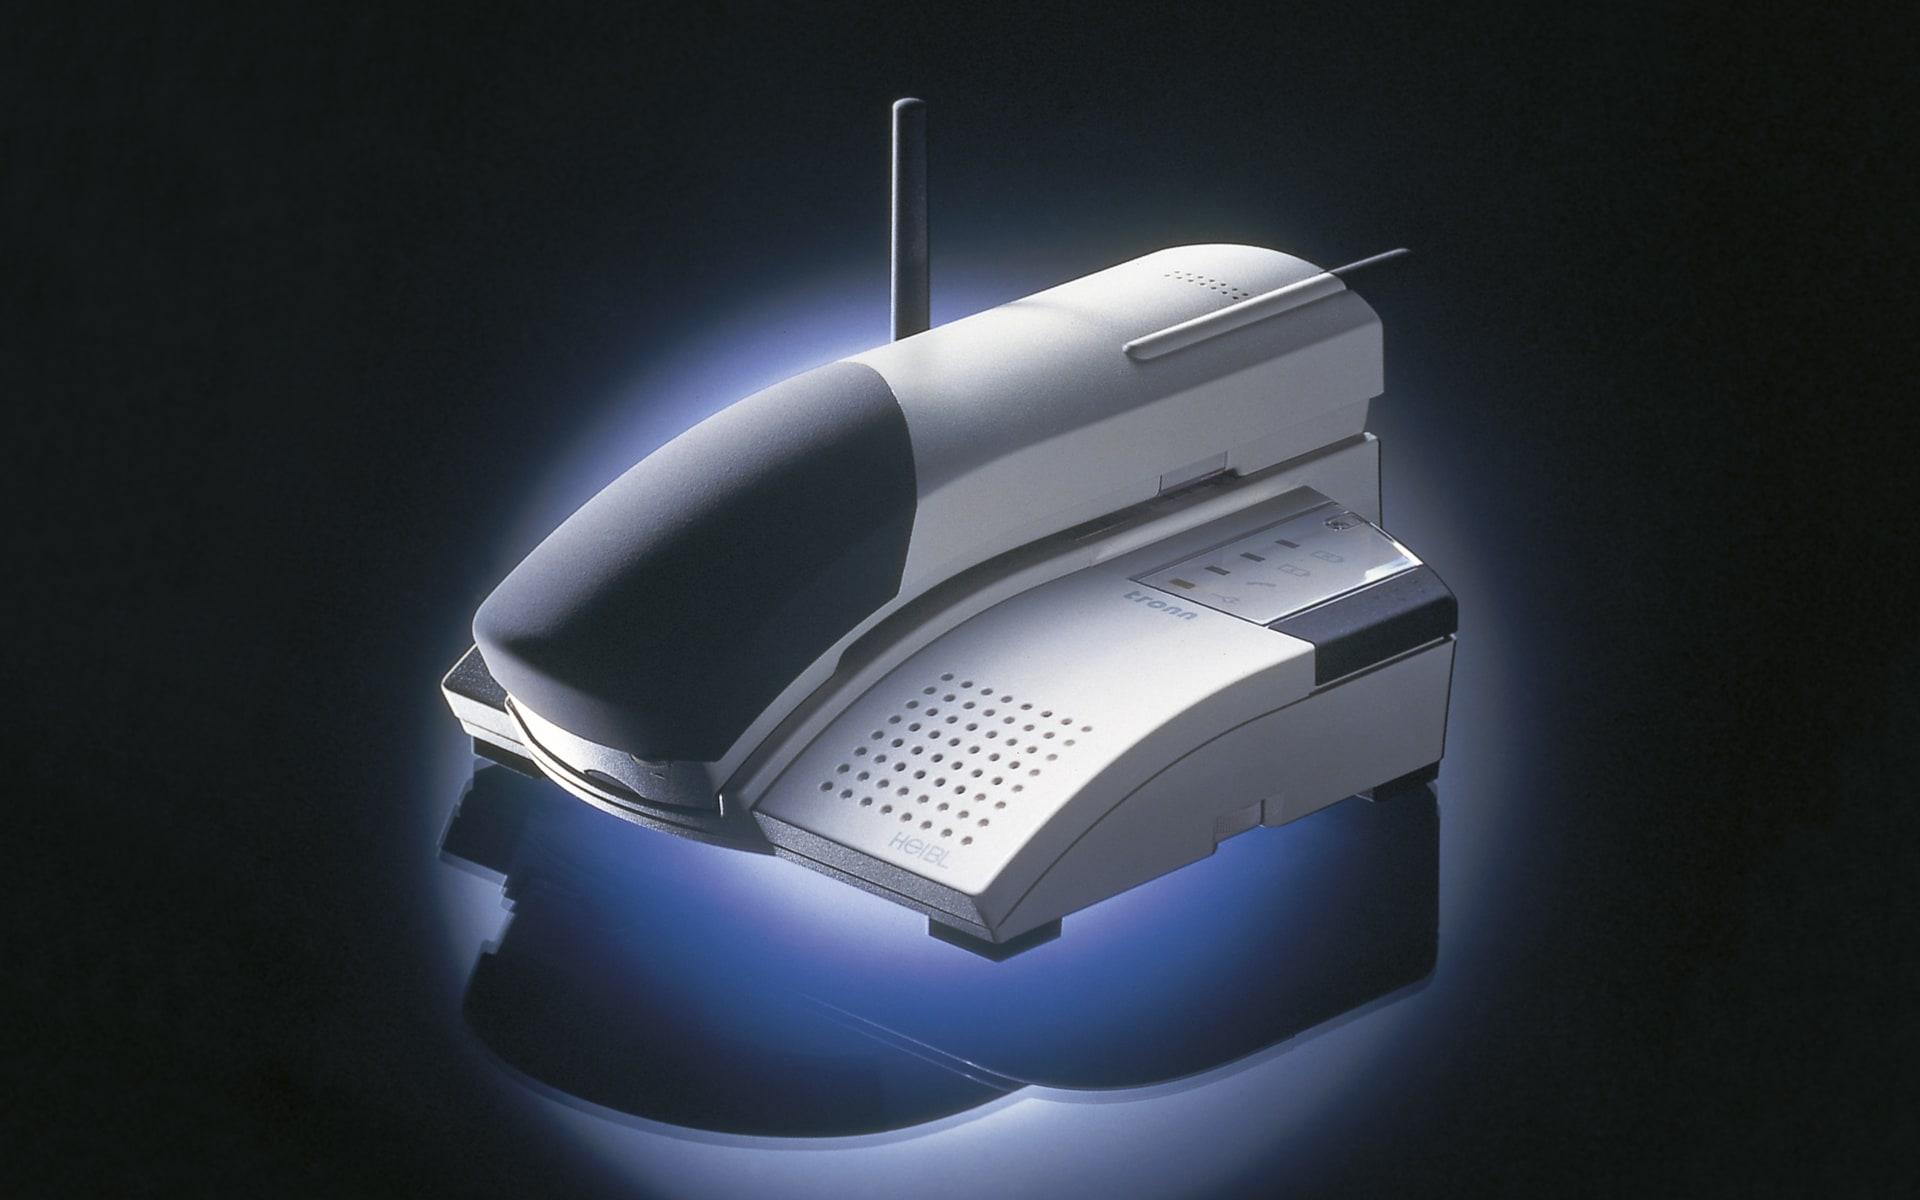 Telefon Tronn in zwei Grautönen für Heibl von ITO Design, 1996 entworfen